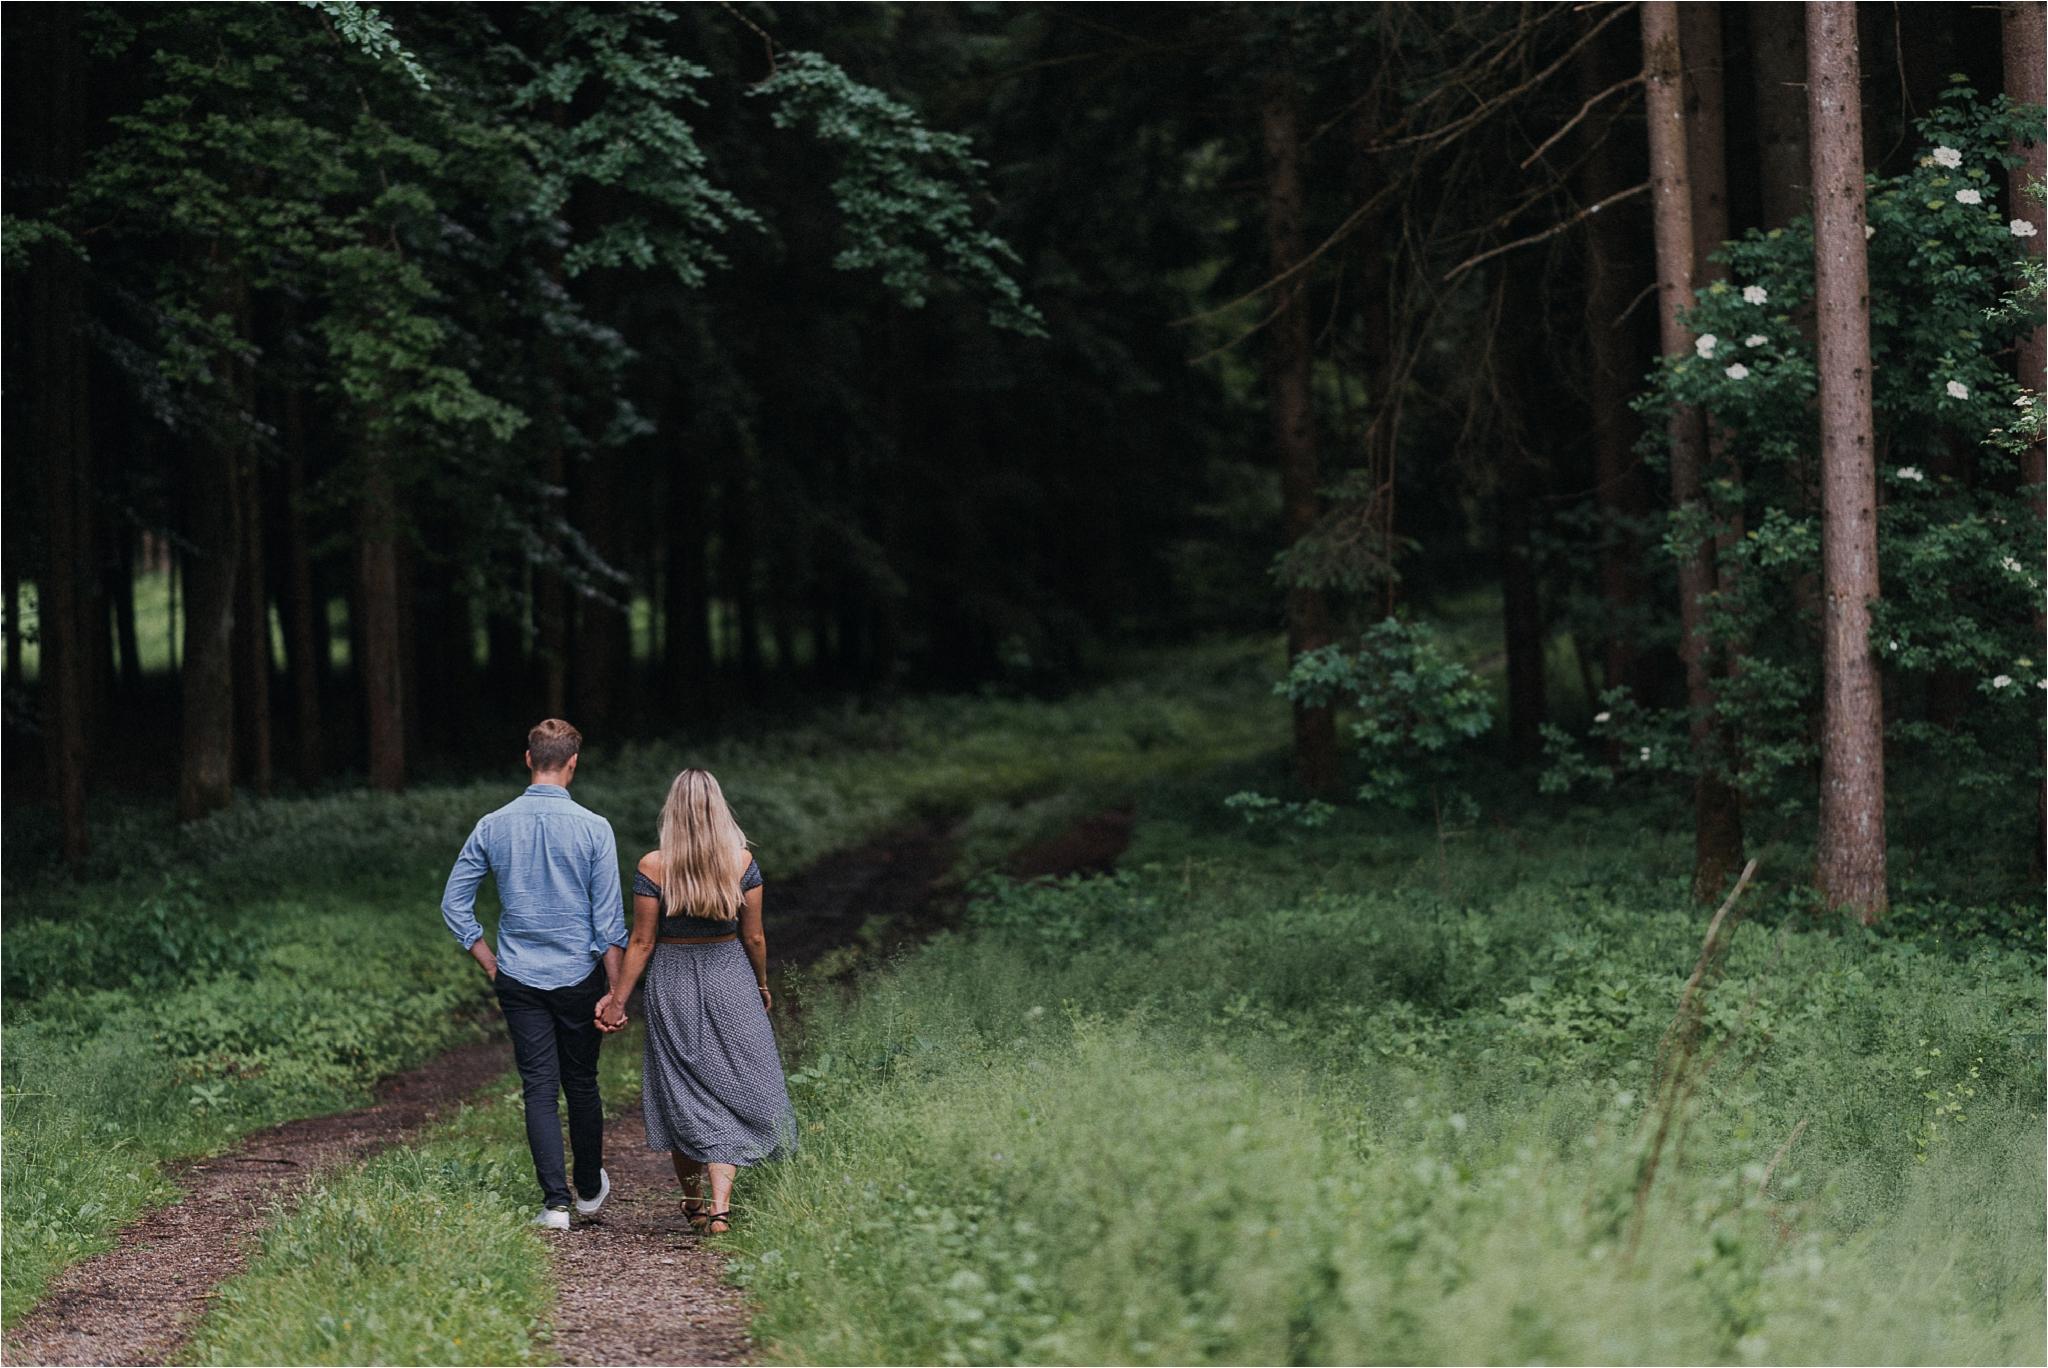 Woods are around Chiemsee